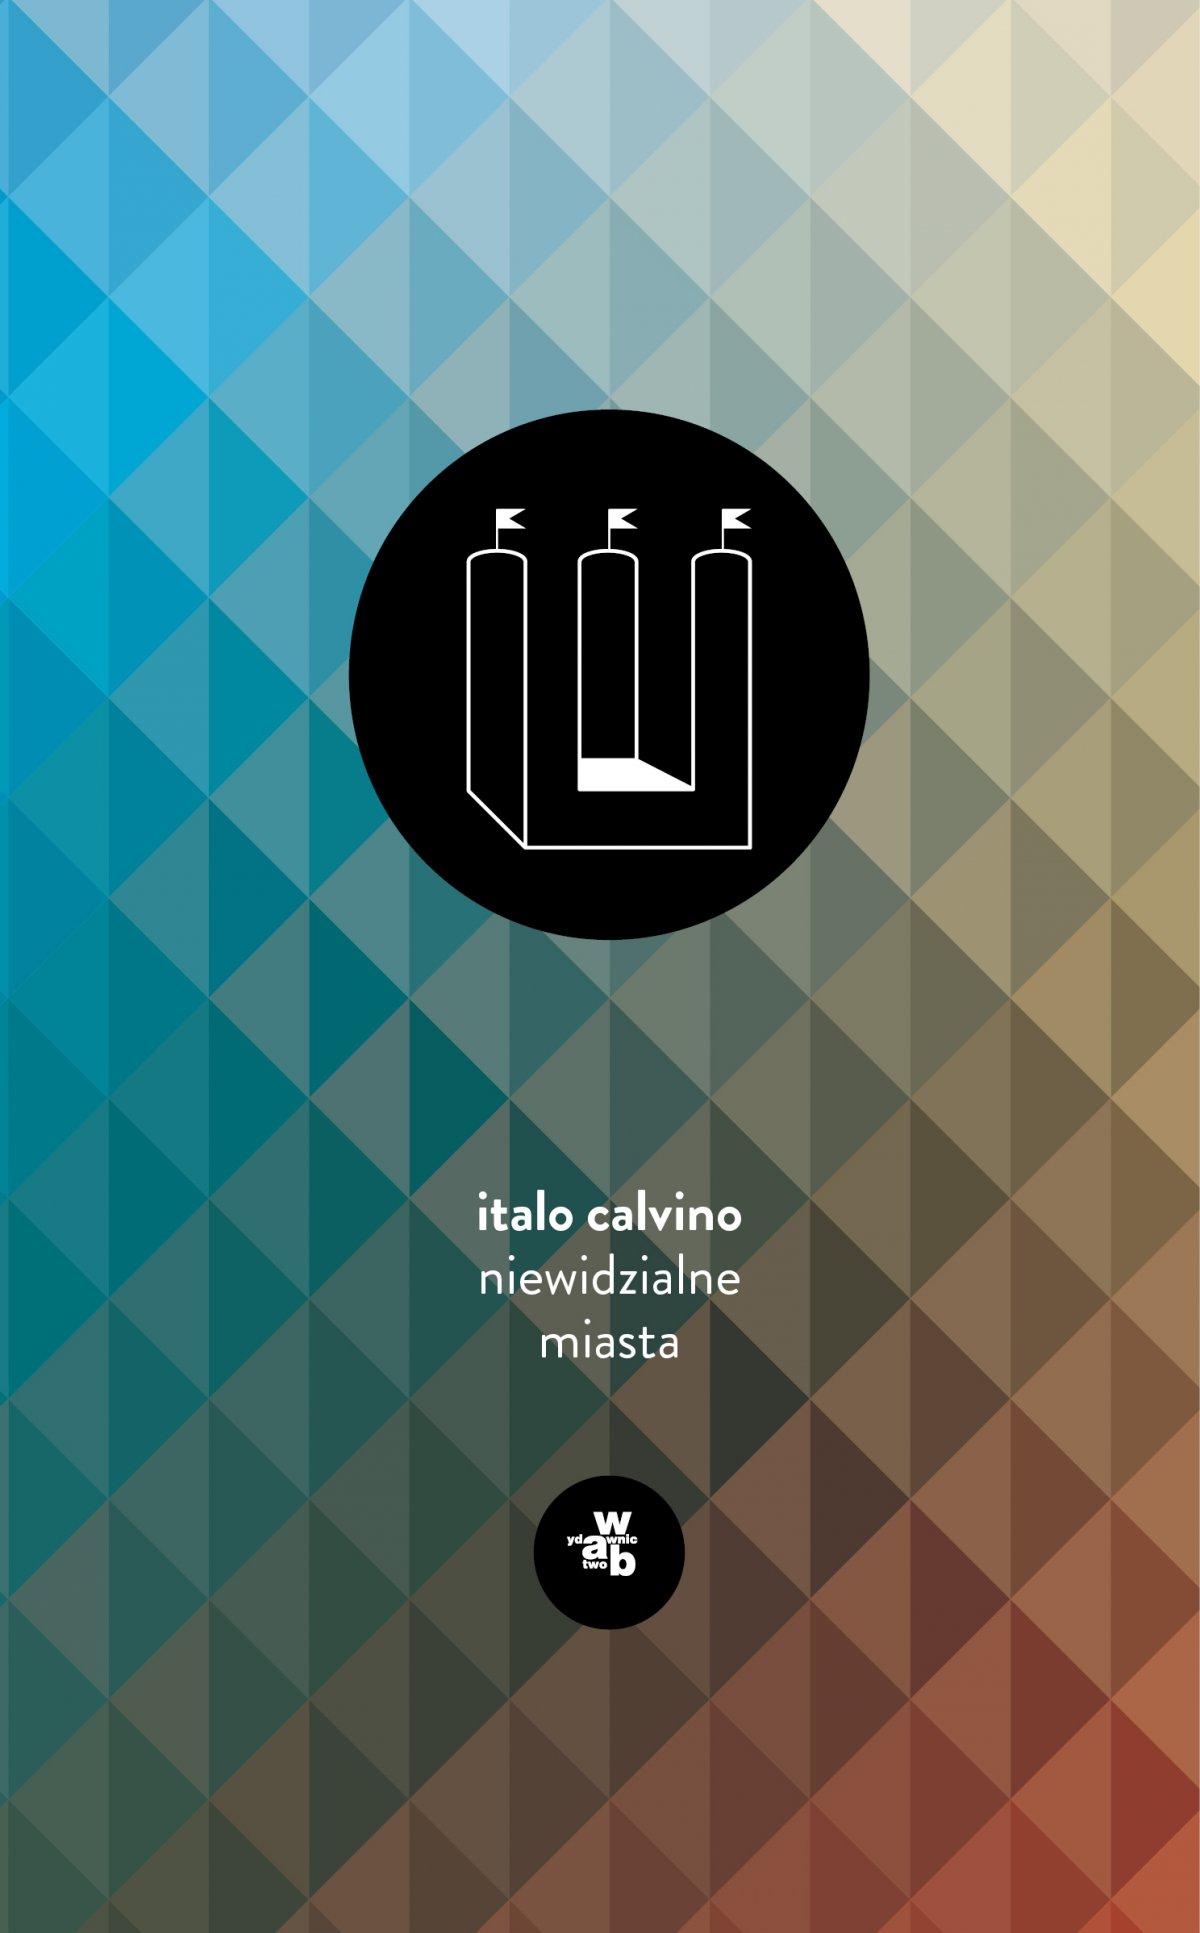 Niewidzialne miasta - Ebook (Książka na Kindle) do pobrania w formacie MOBI